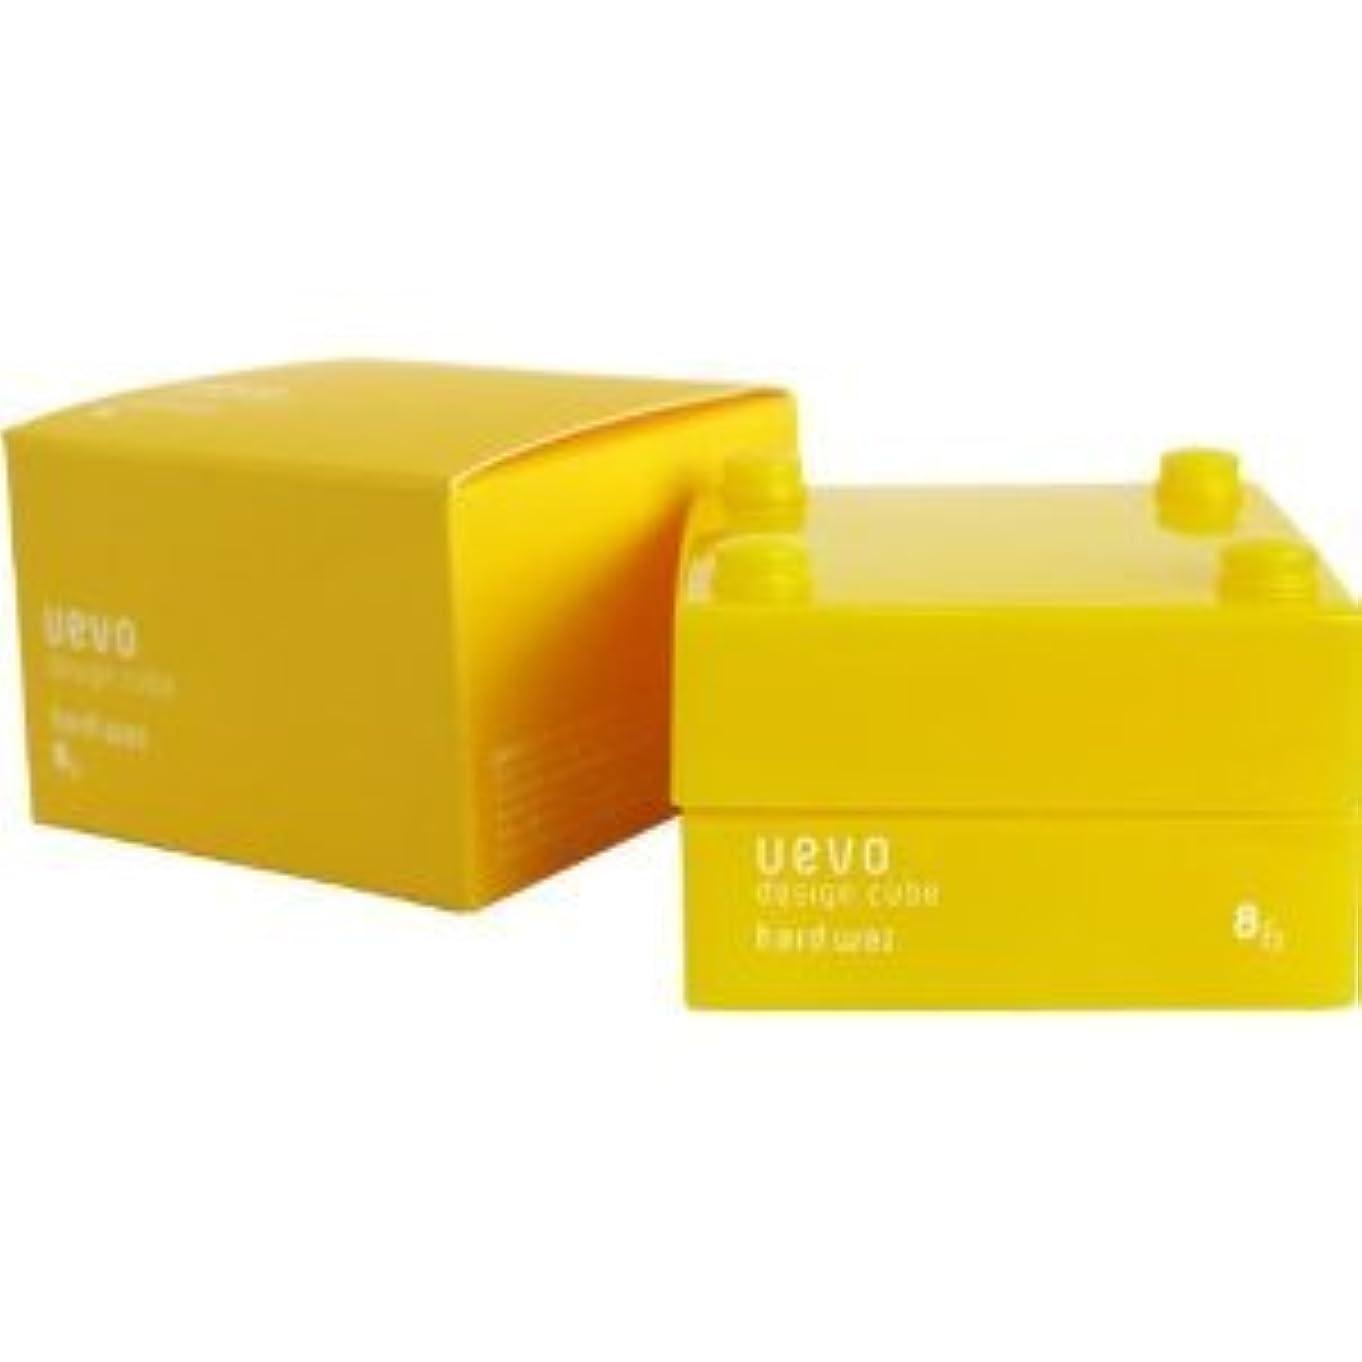 少ない前者パラナ川【X2個セット】 デミ ウェーボ デザインキューブ ハードワックス 30g hard wax DEMI uevo design cube